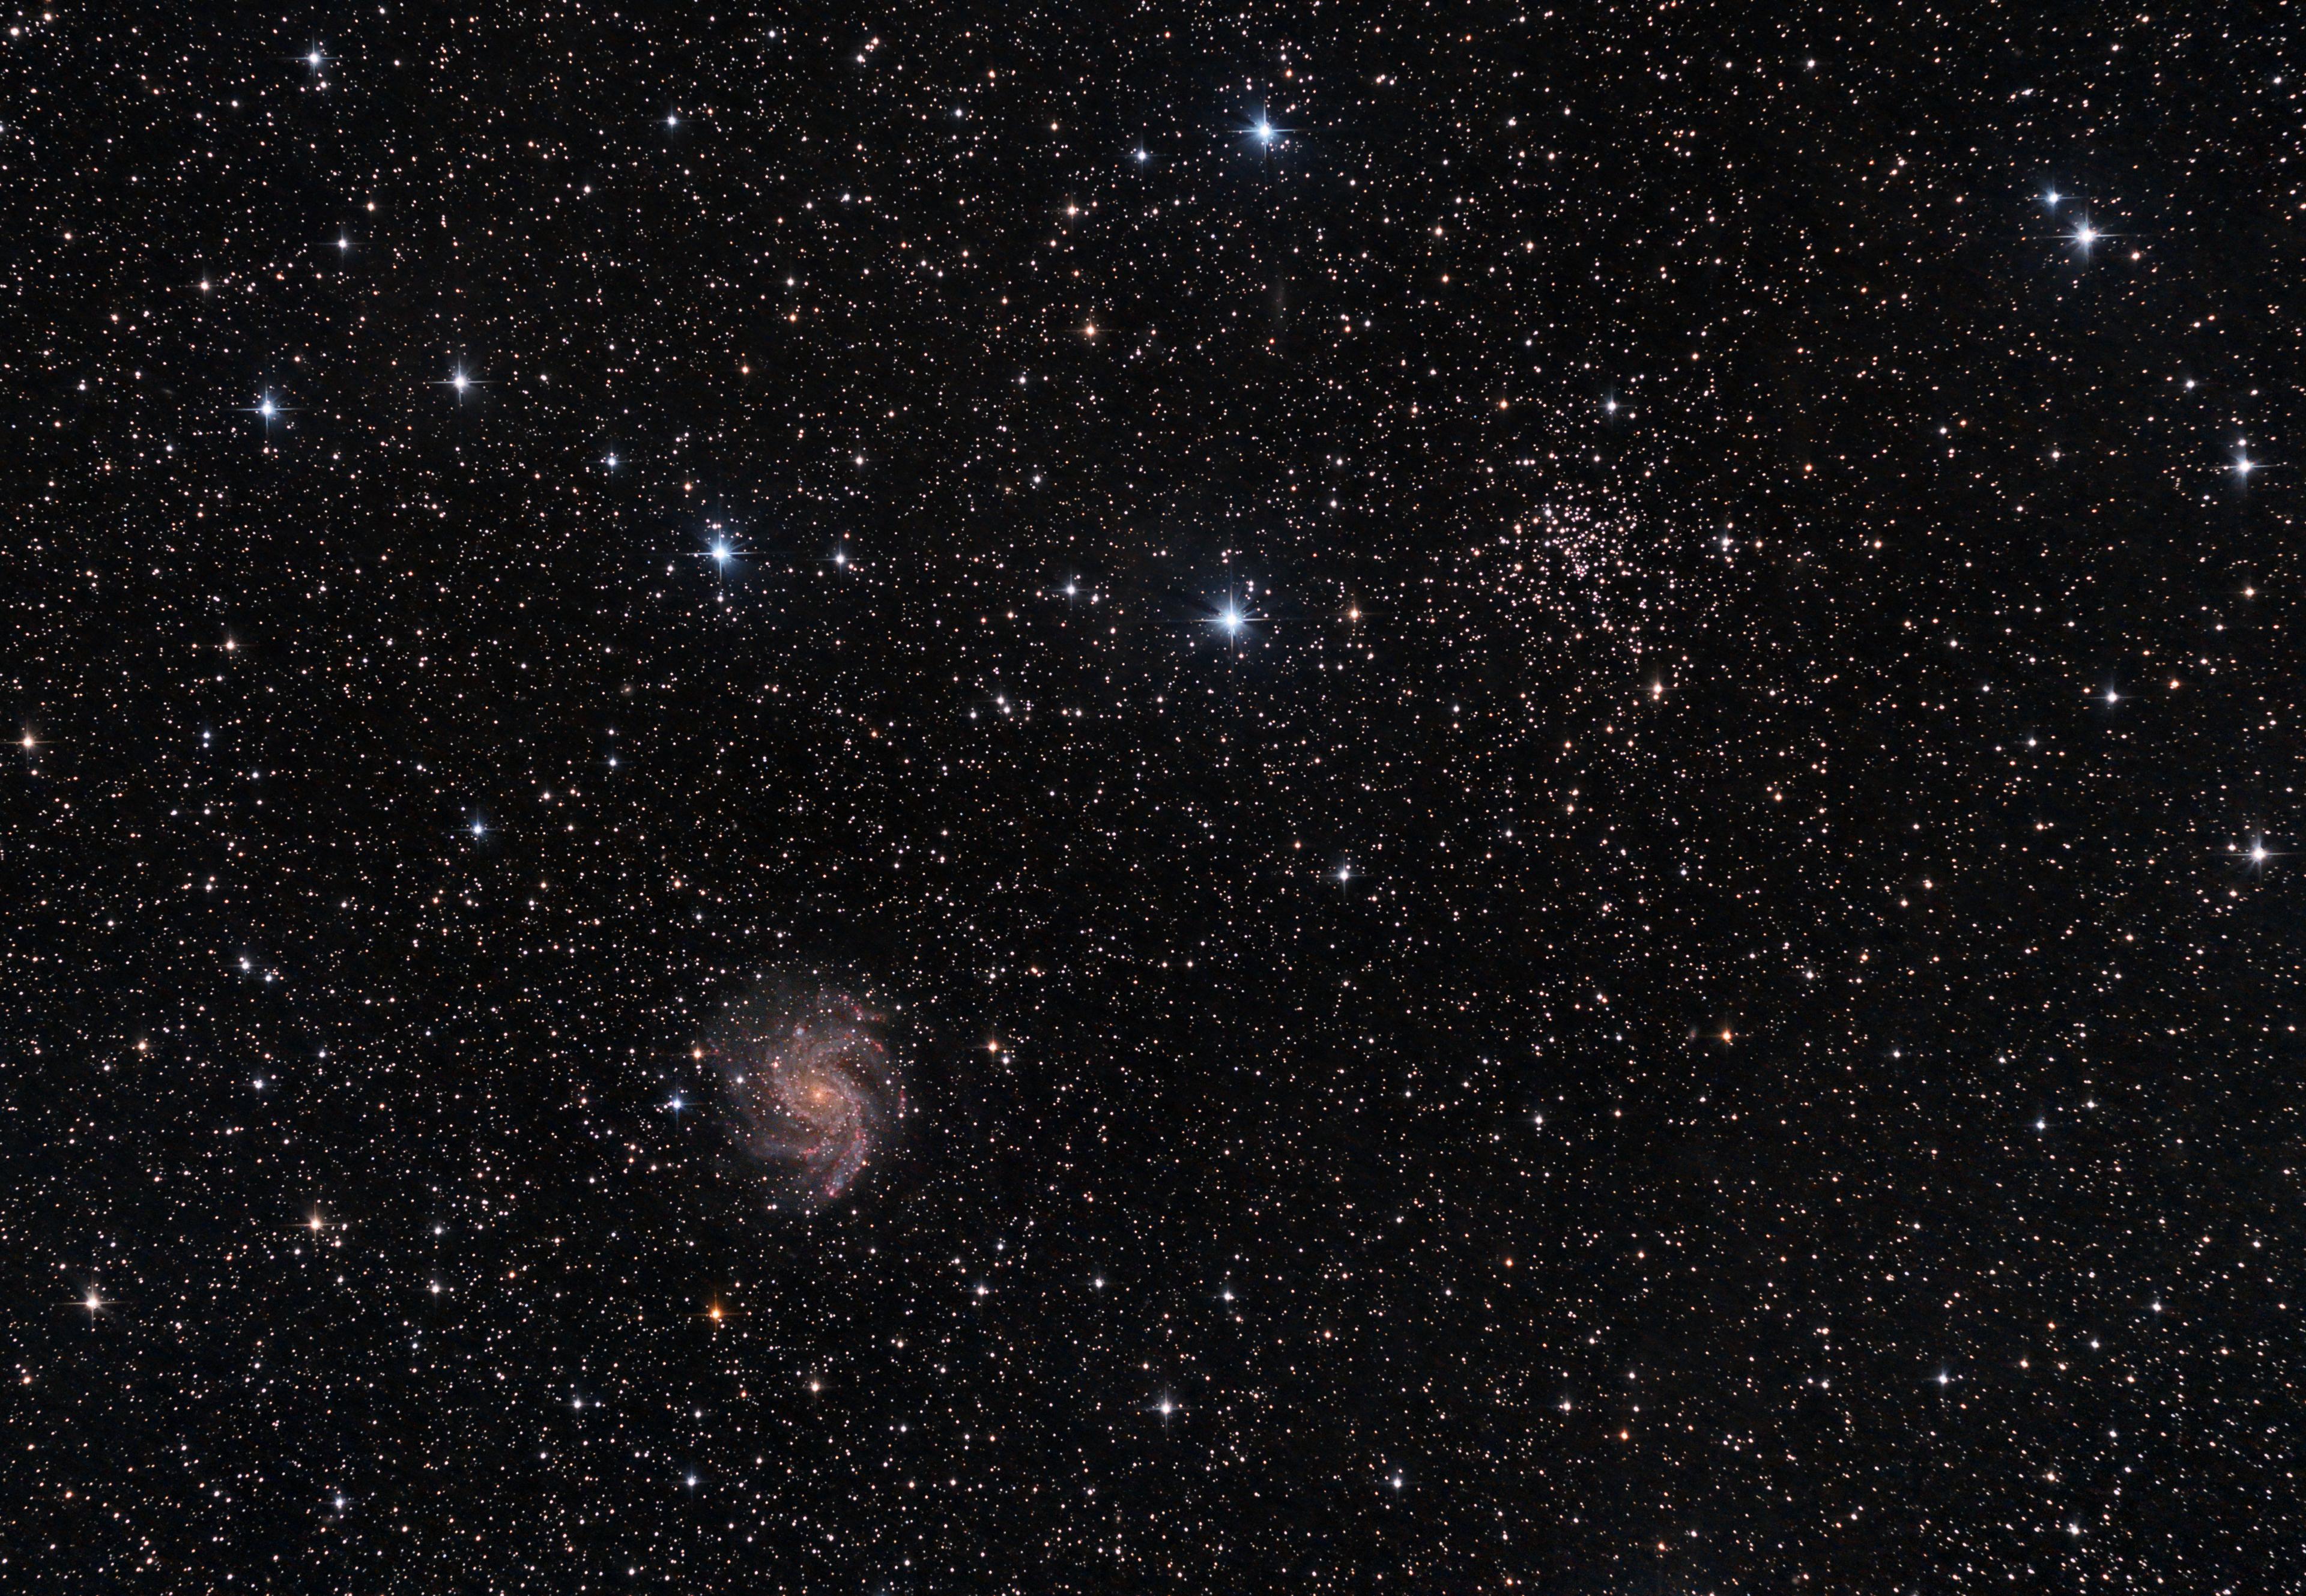 NGC 6946 & NGC 6939 (08/09/2019) Picture-20a84a172eccb1ad1d0df68f5f613e44-original